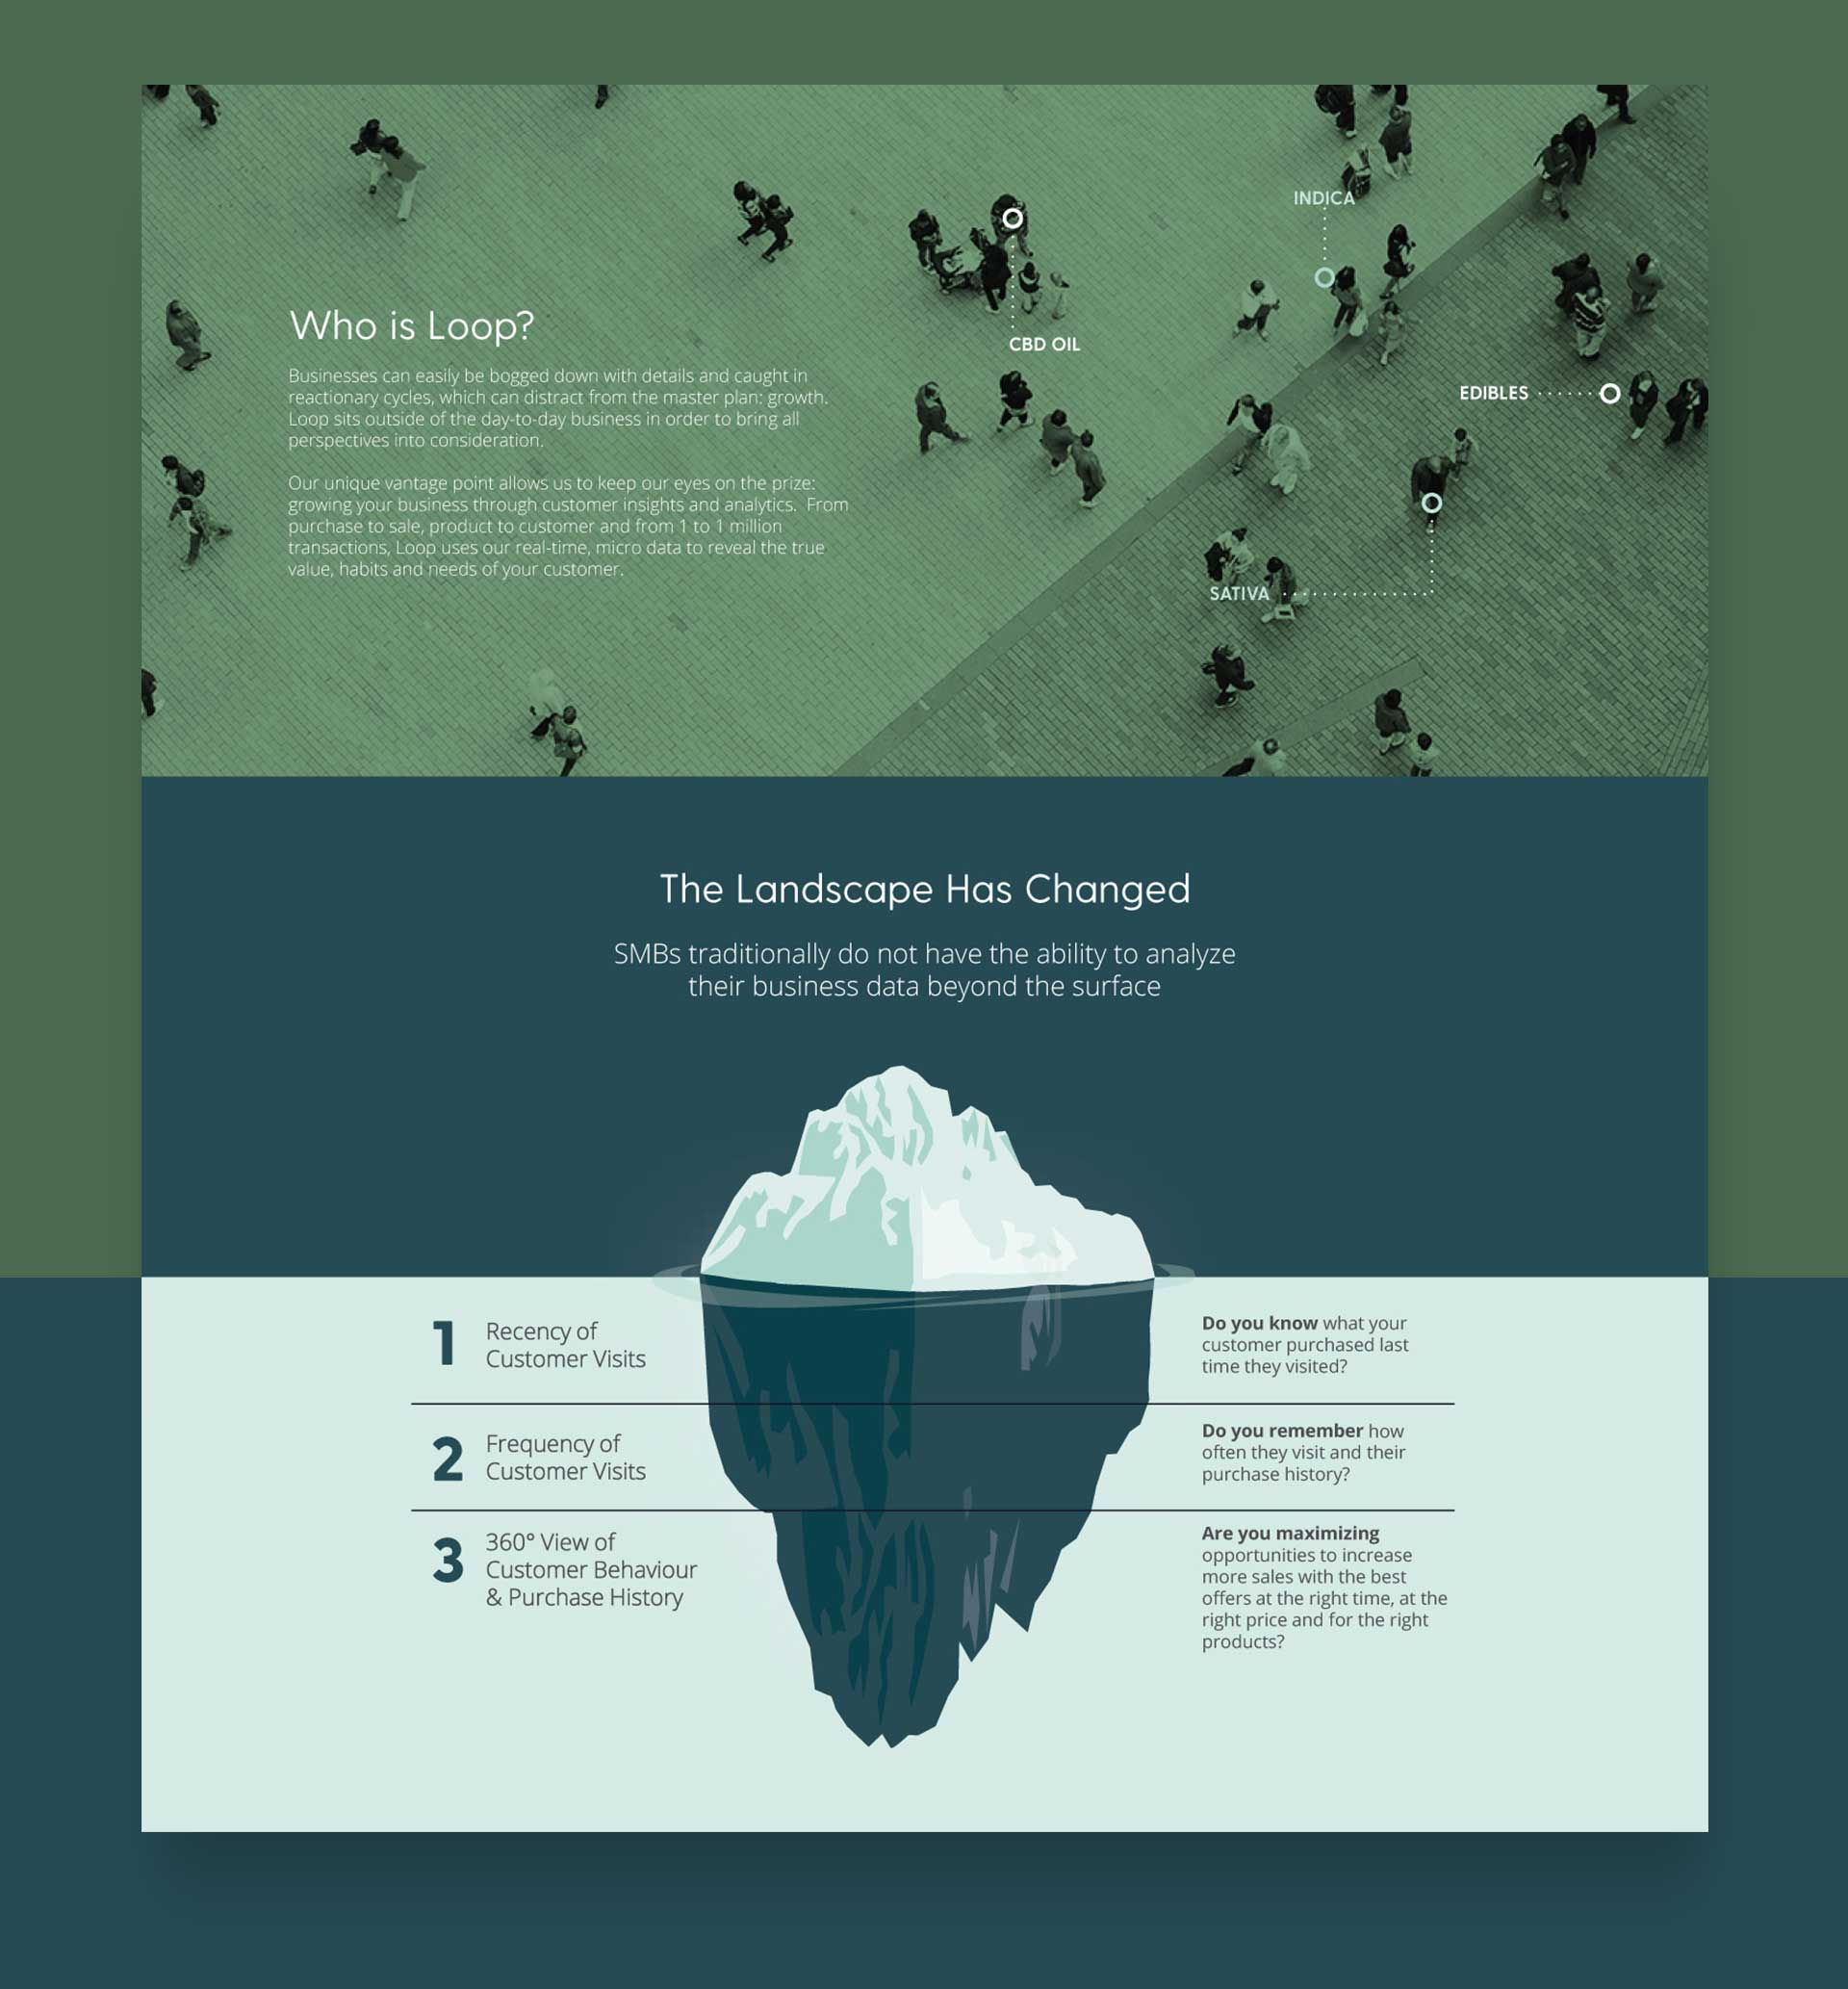 loop-insights-five-senses-web-design-2